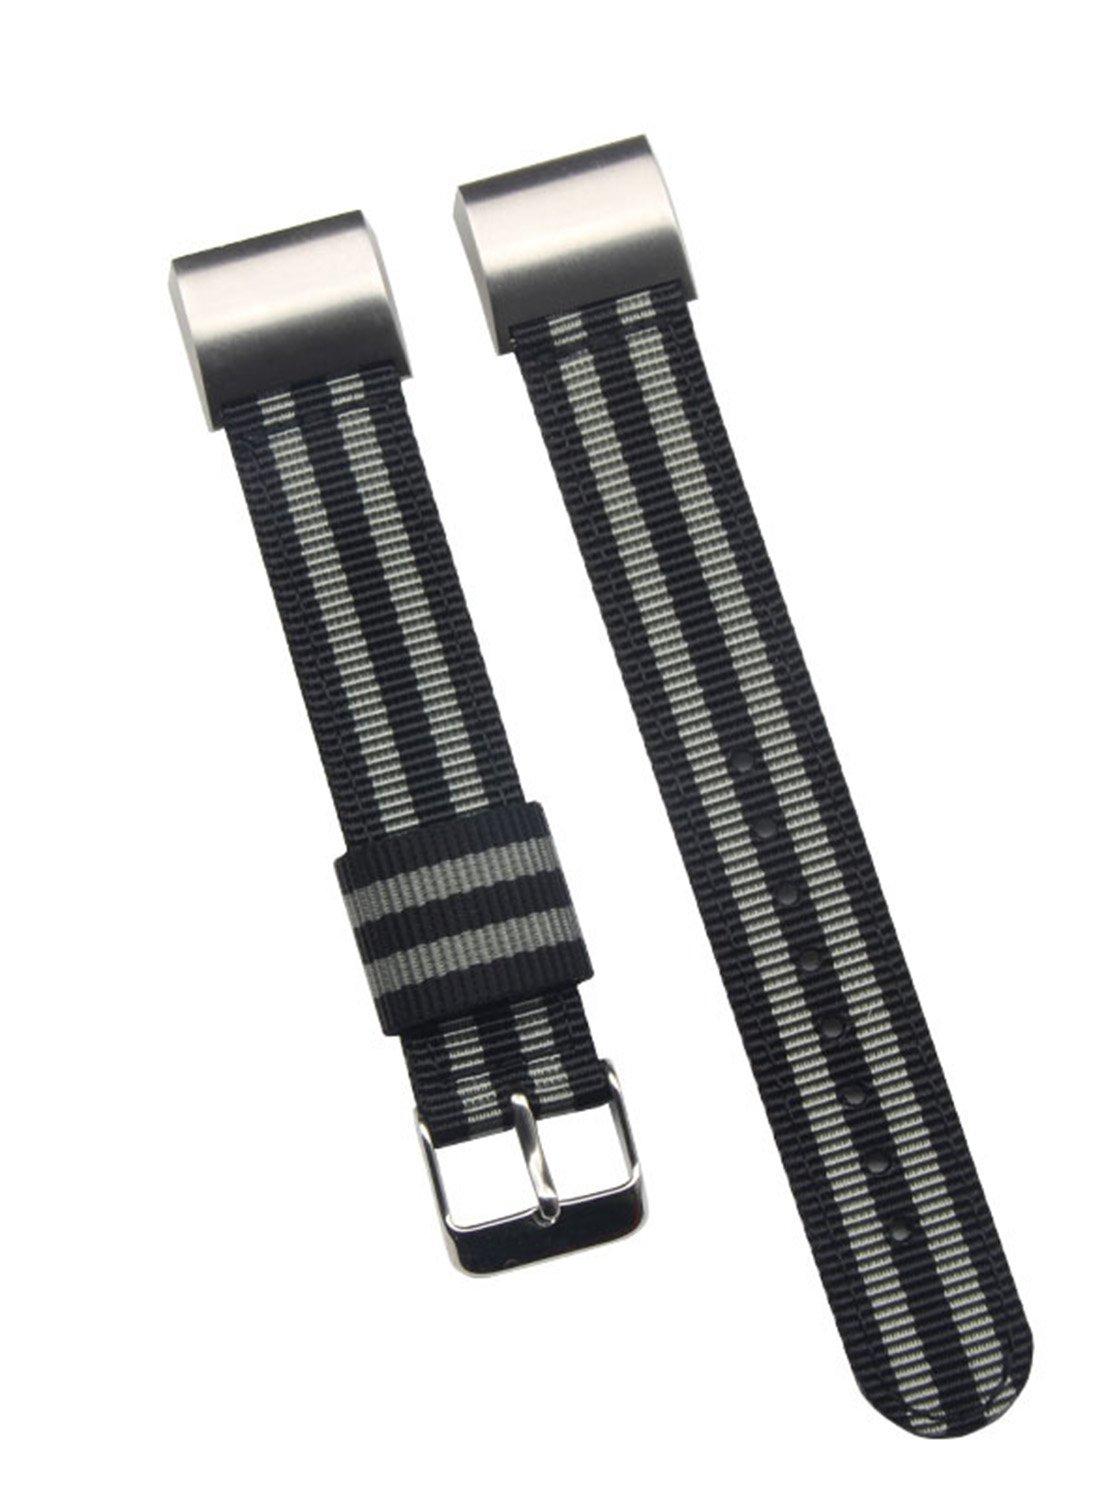 最高級 メンズバリスティックナイロン 時計バンド Fitbit Charge 2スマートウォッチの交換用 18mm ブラック/グレー ブラック/グレー ブラック/グレー B0747LHZW5